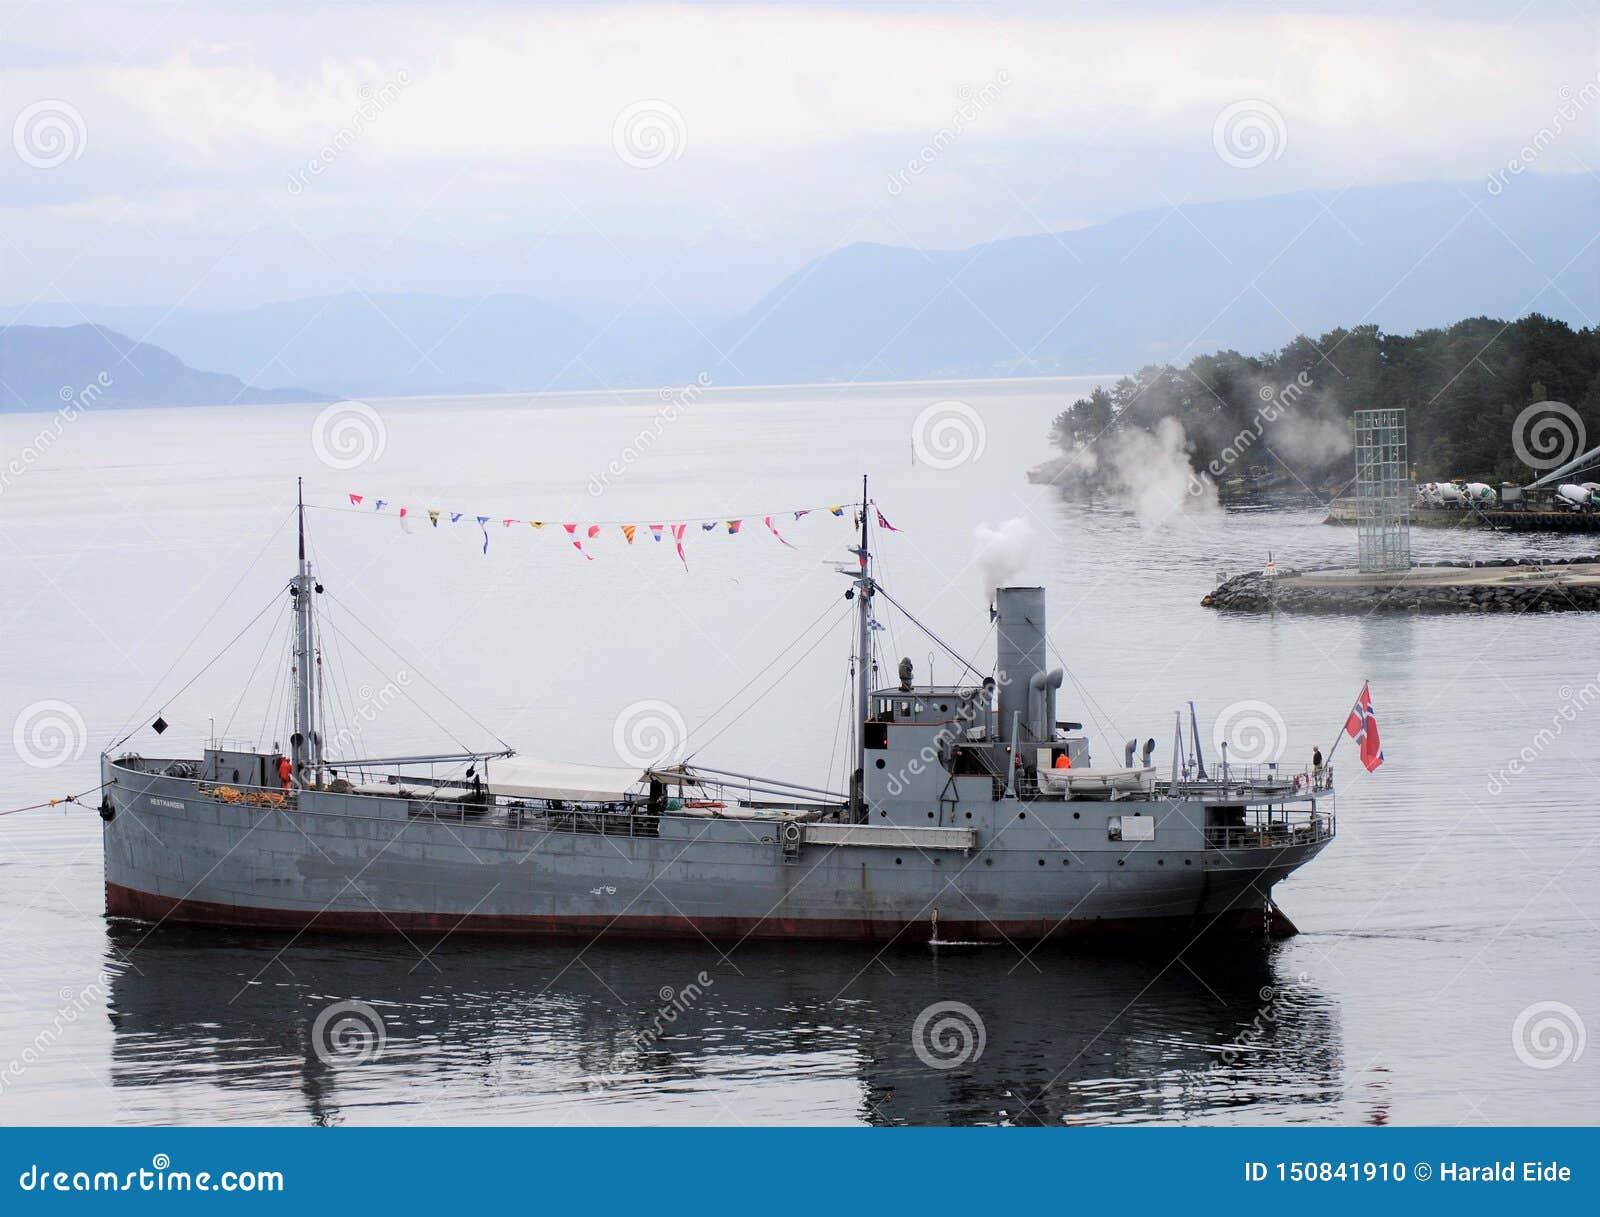 El buque de la carga más viejo de Noruega; la nave 'Hestmanden 'del vapor